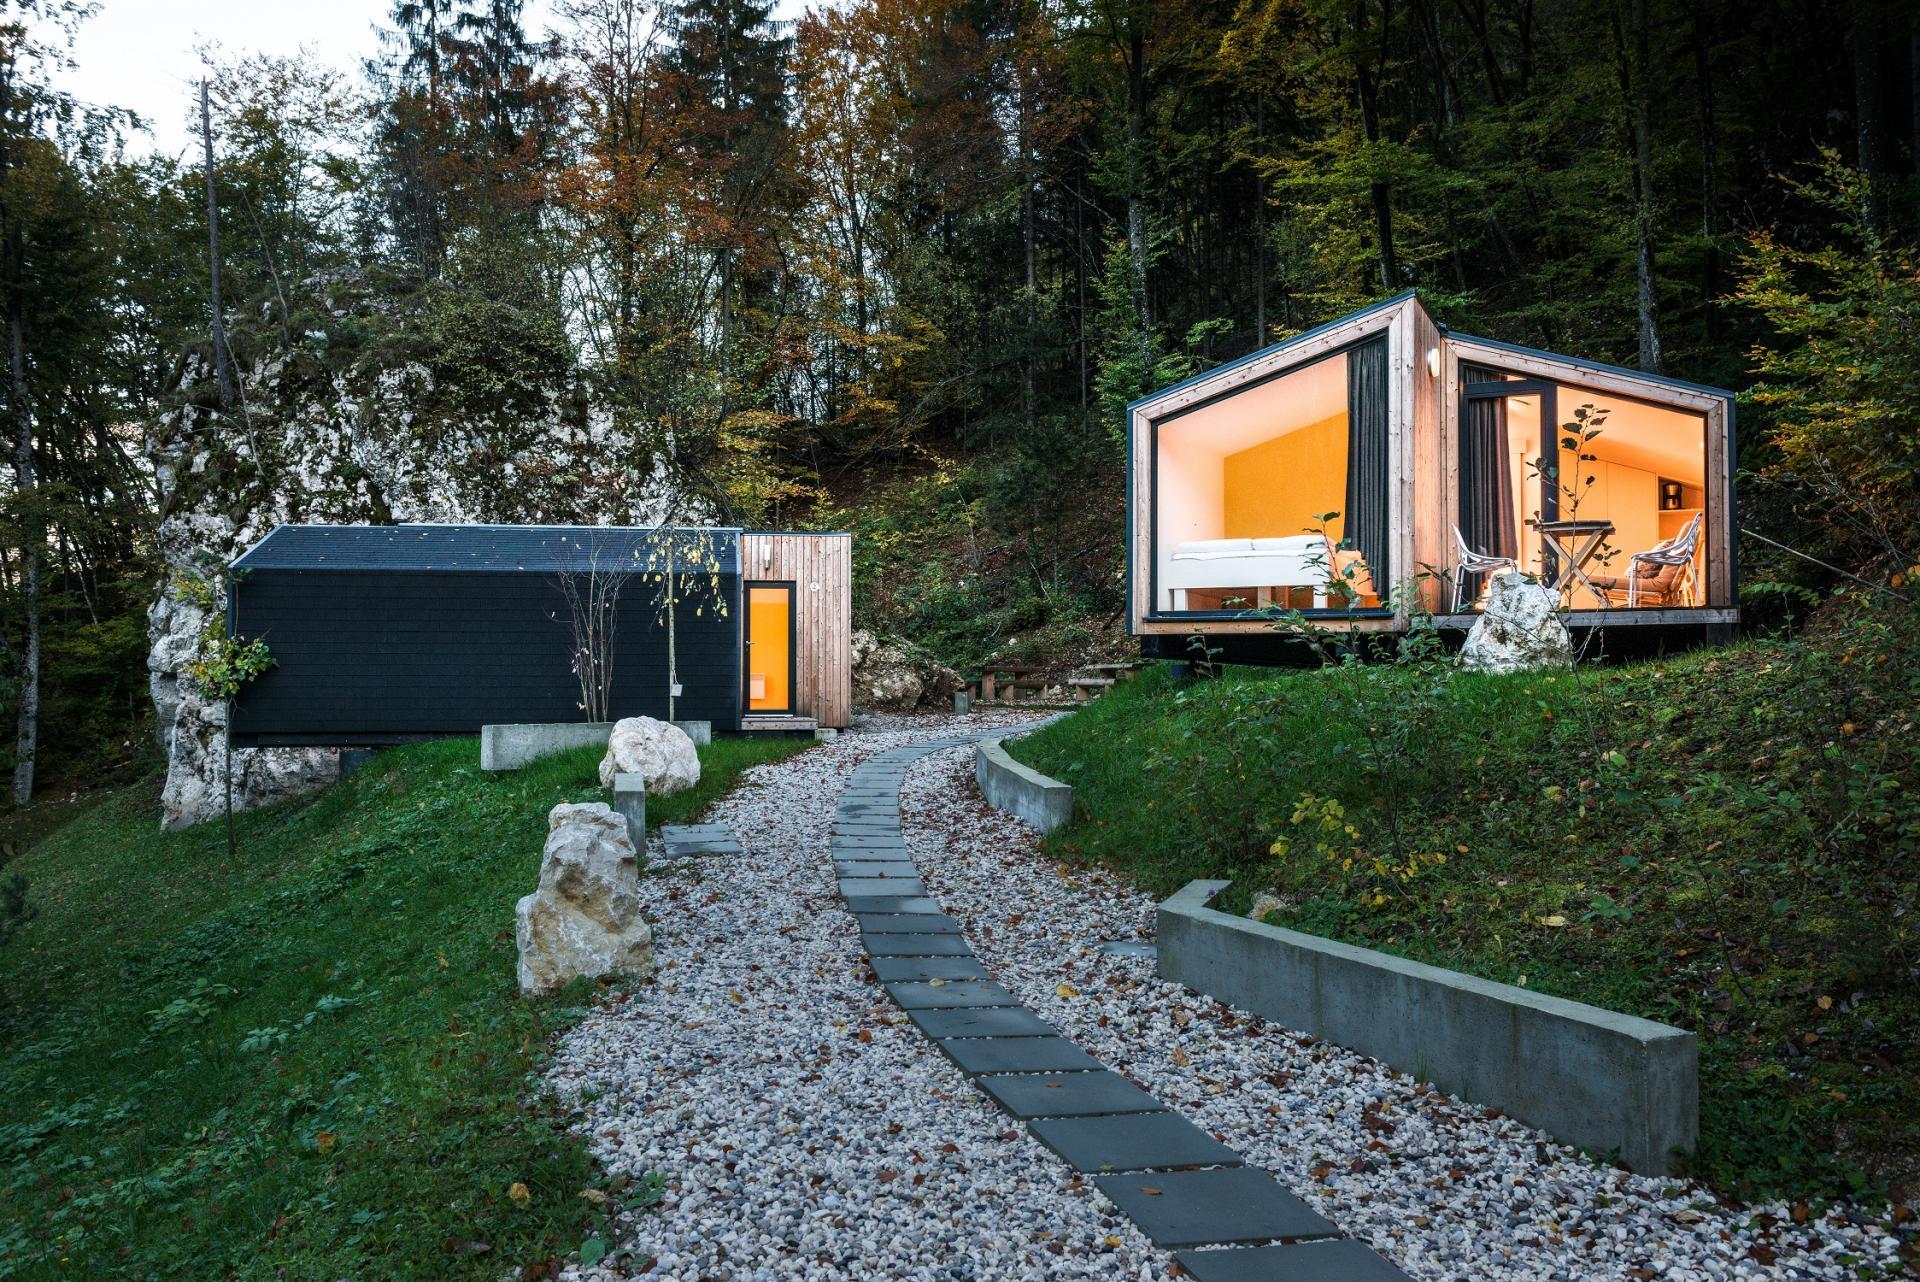 cabane-mini-chalet-montagne-ekokoncept-for-4-0 maison-prefabriquee-contemporaine-ecologique-en-bois